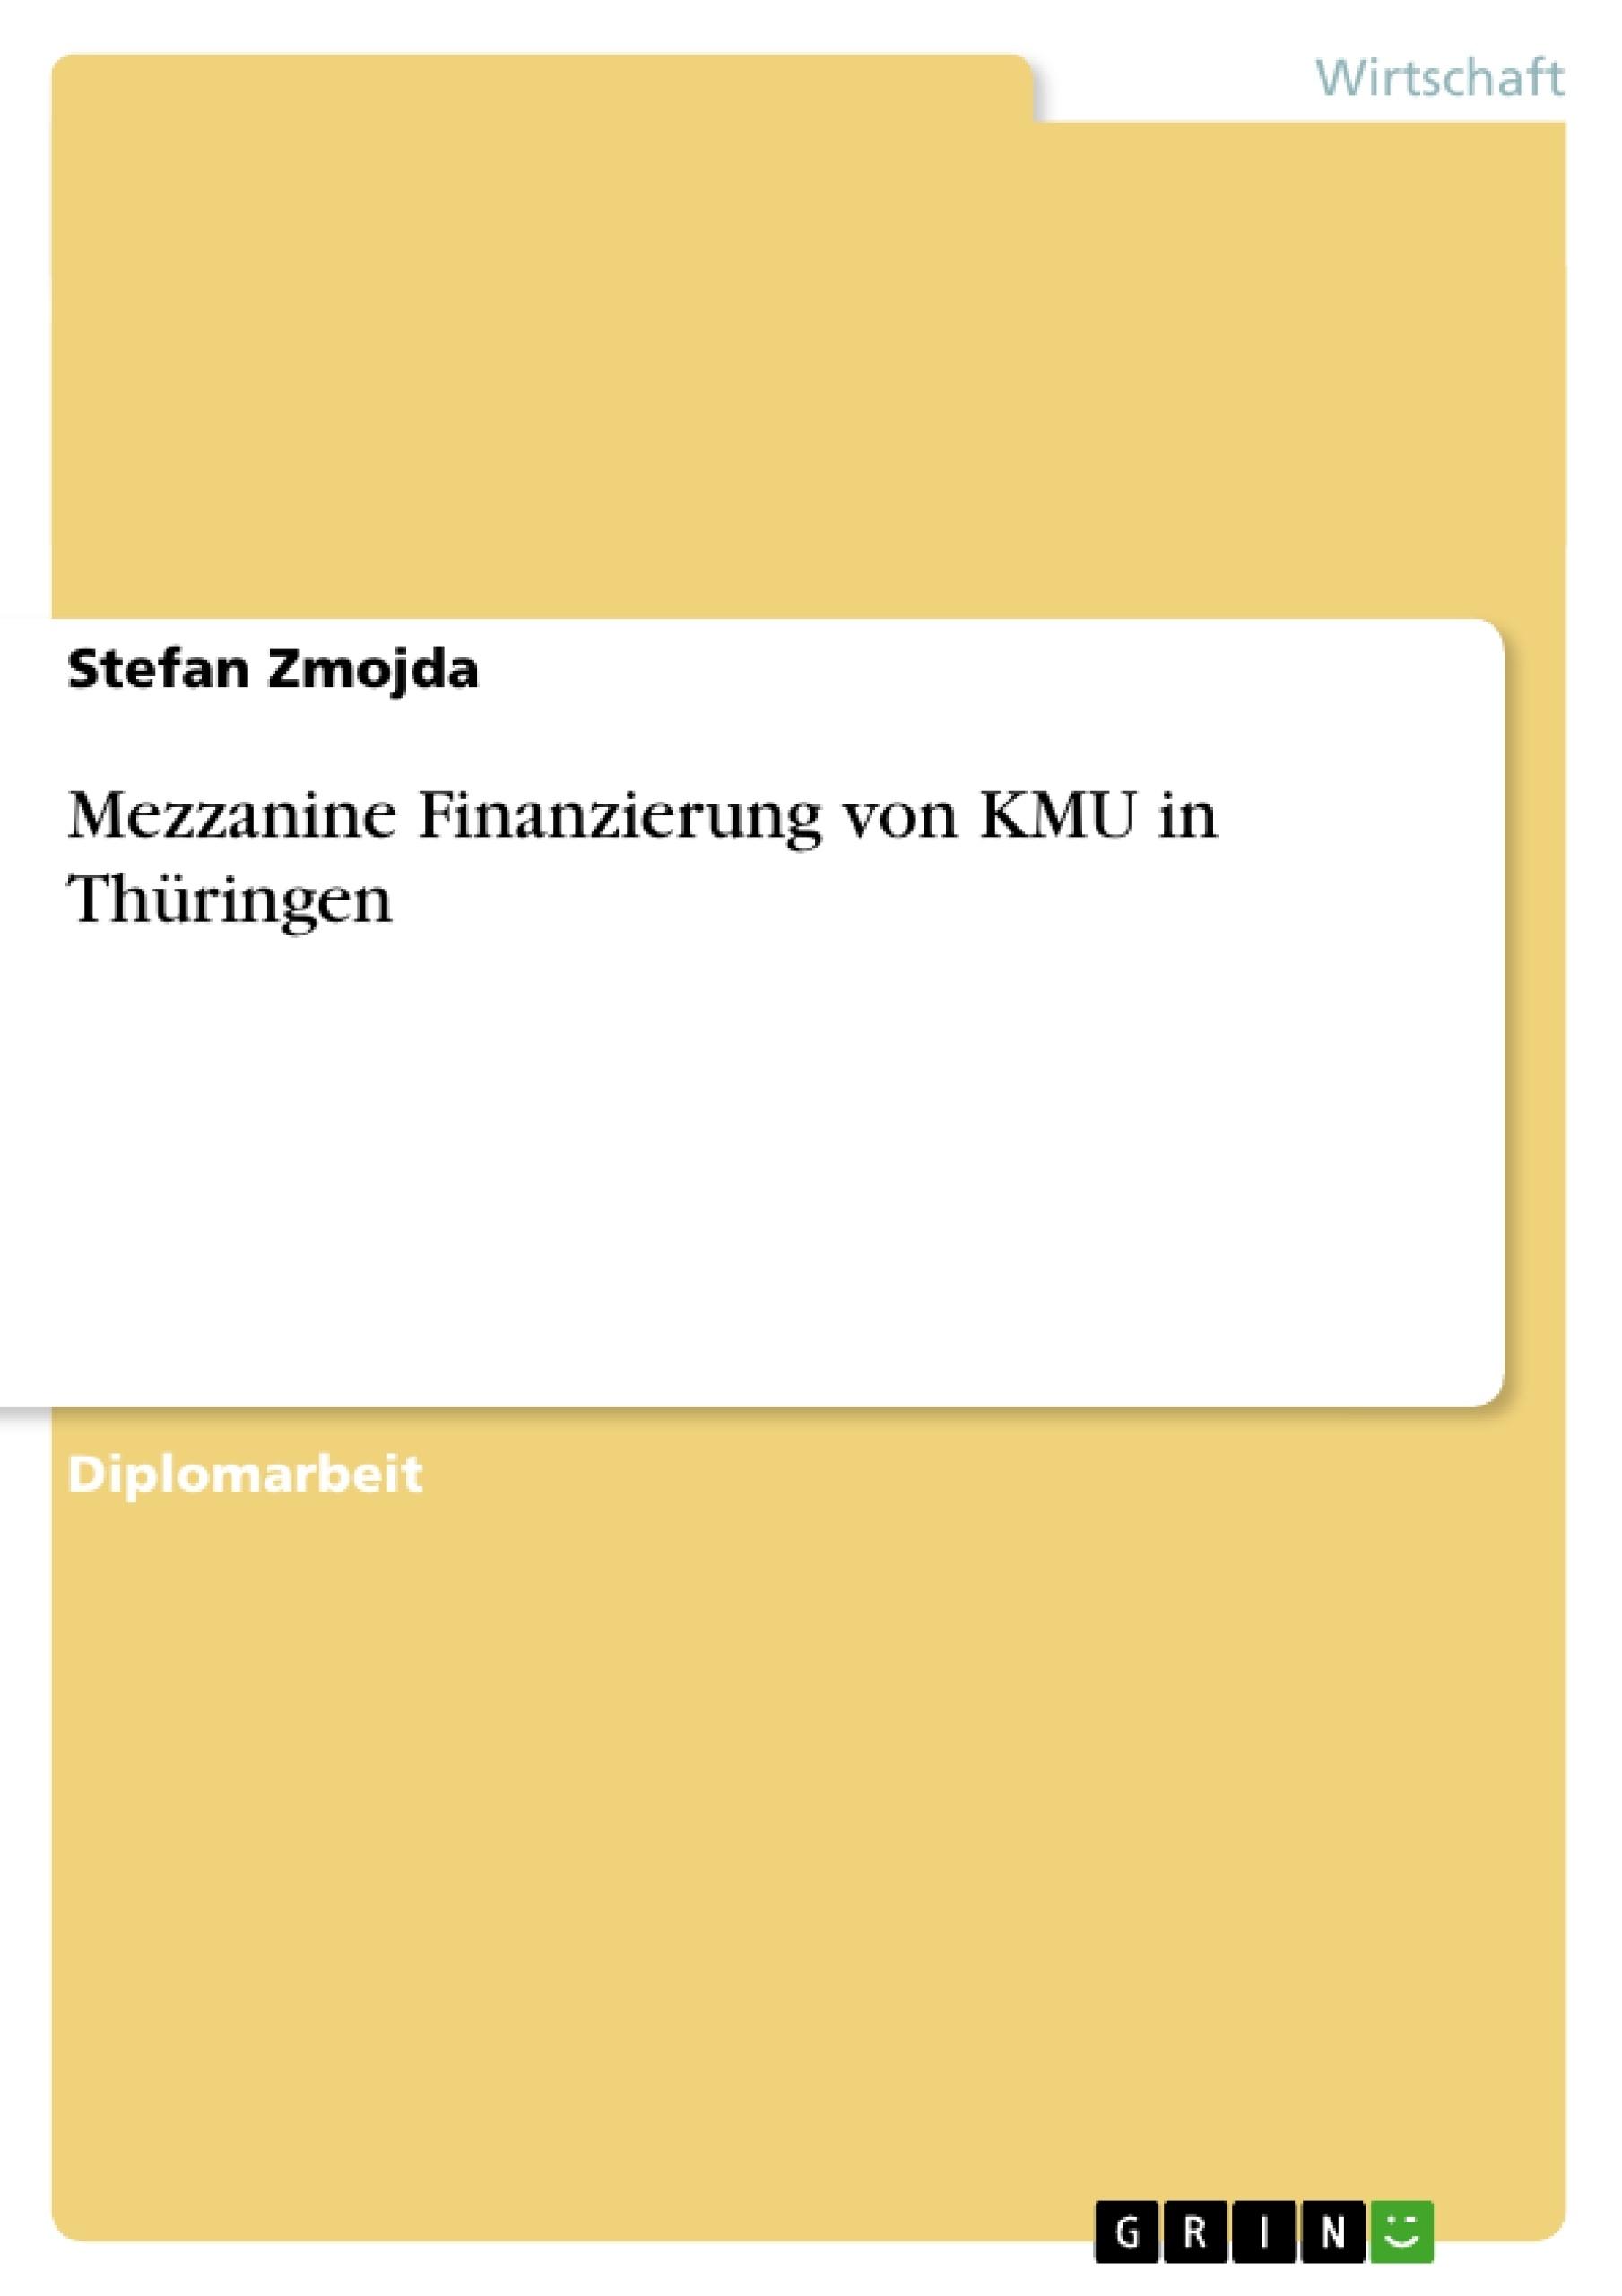 Titel: Mezzanine Finanzierung von KMU in Thüringen